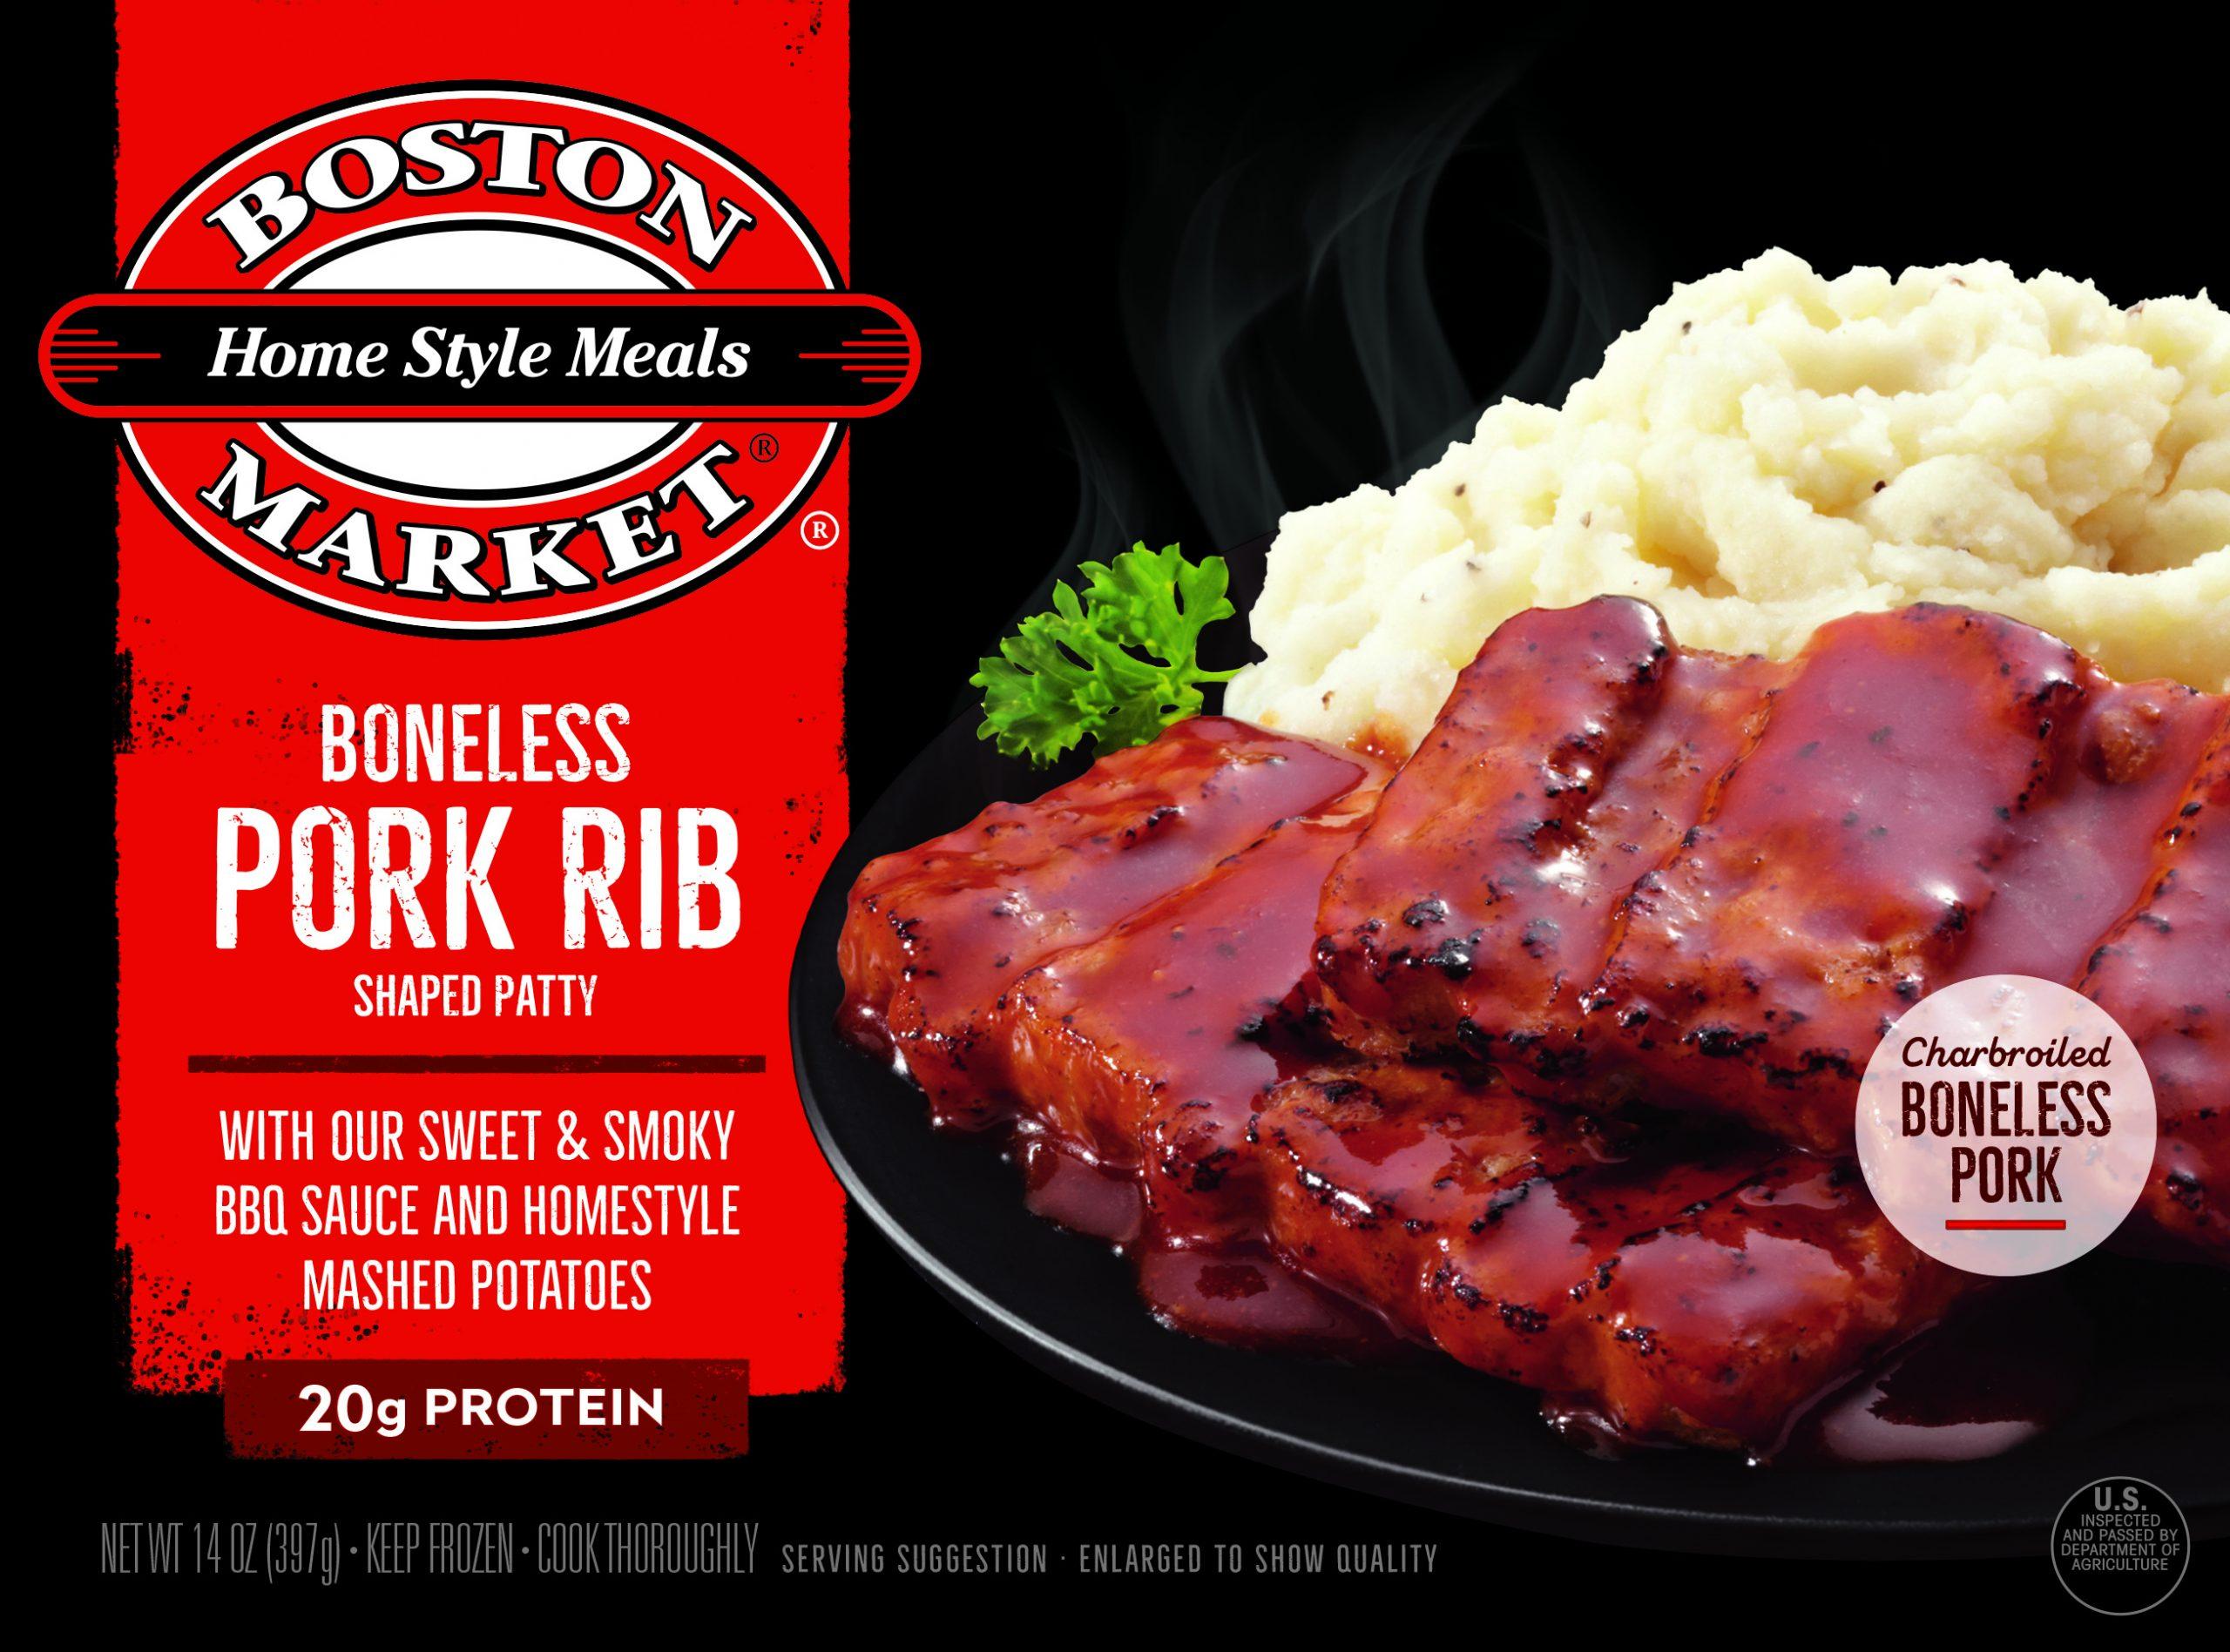 Boneless Pork Rib Shaped Patty box